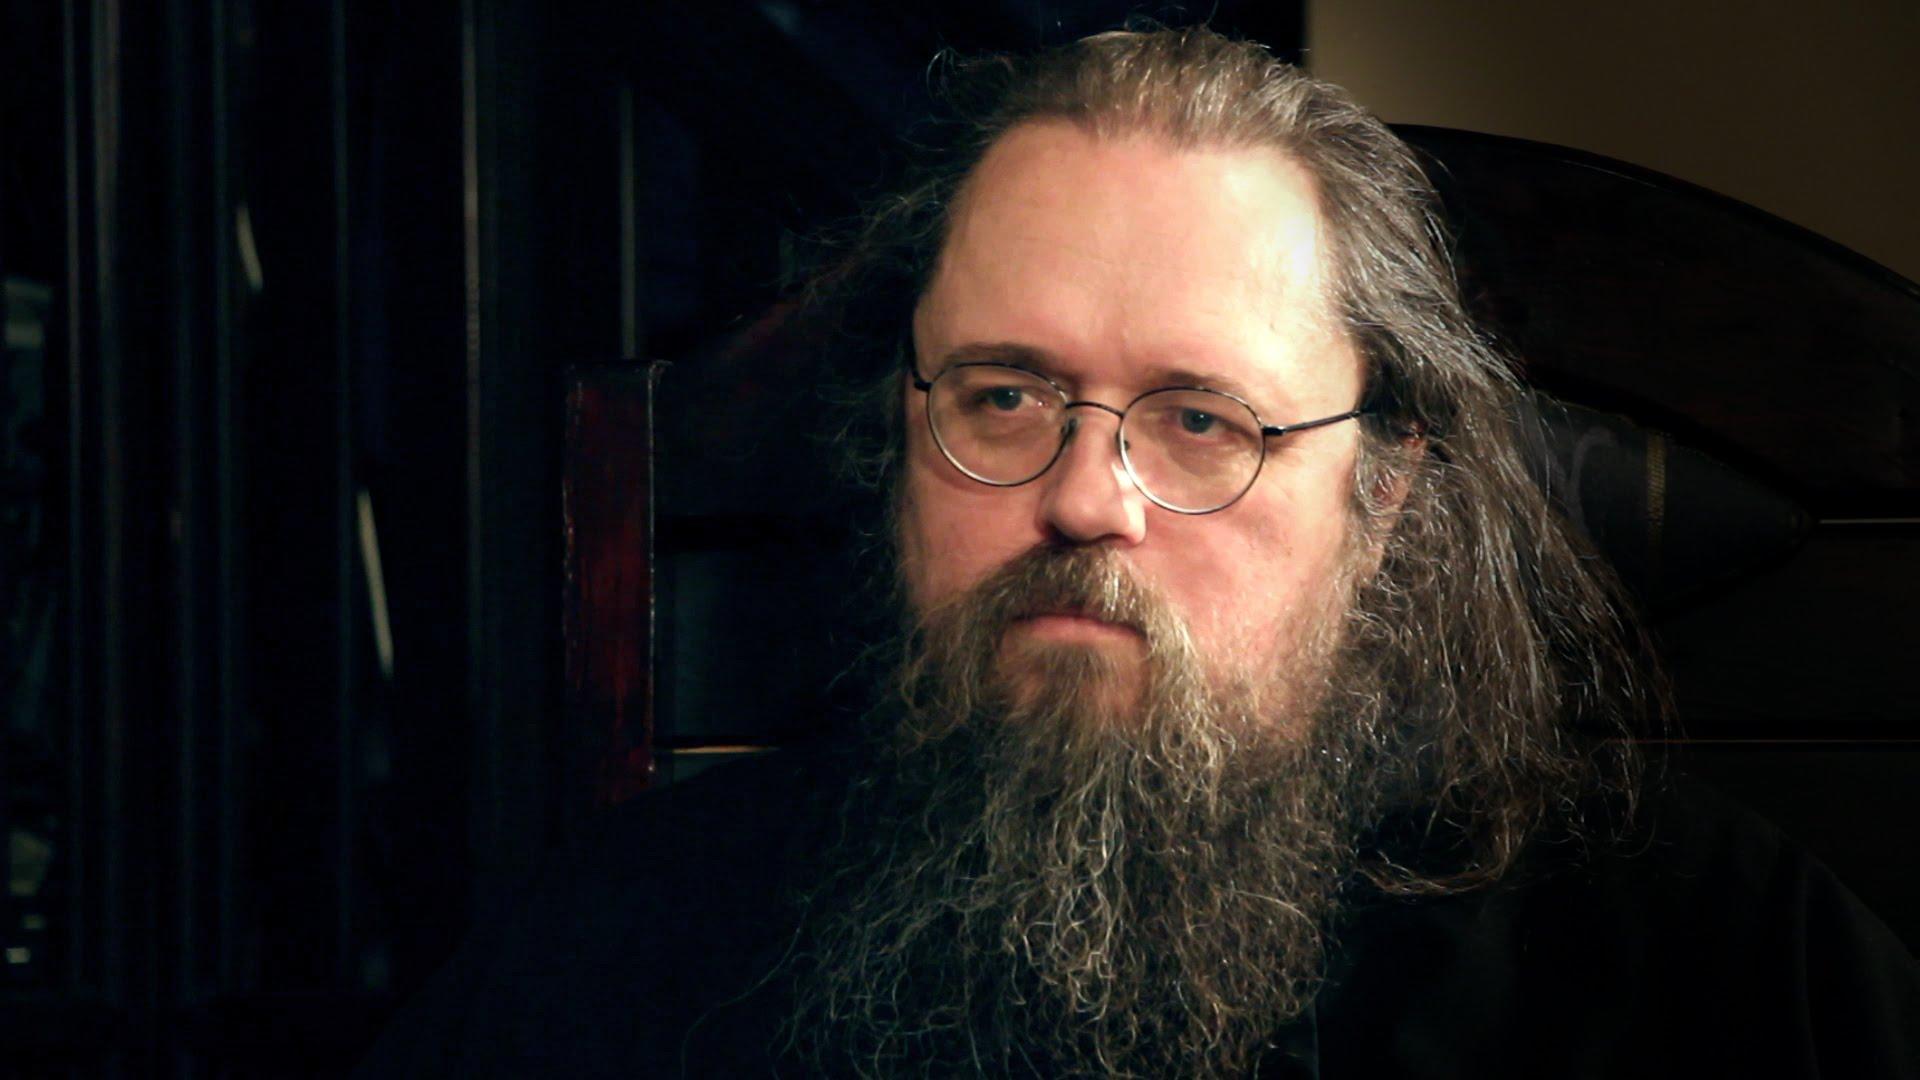 «Соработничество человека ибога»: священник ответил наобвинения Кураева